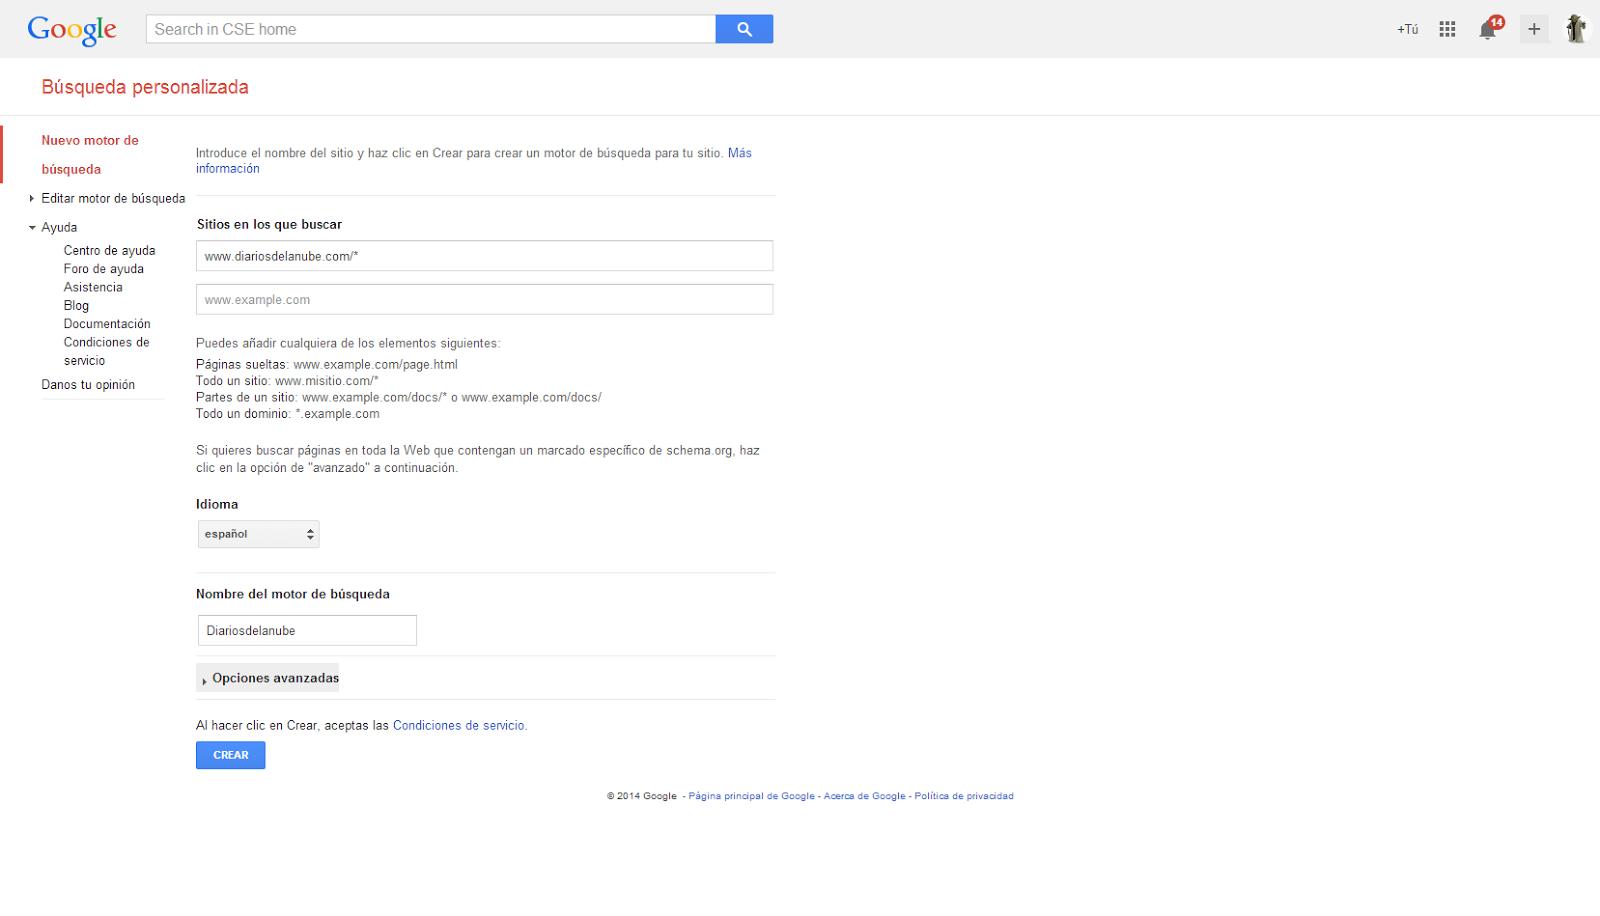 Creando un motor de búsqueda personalizada de Google